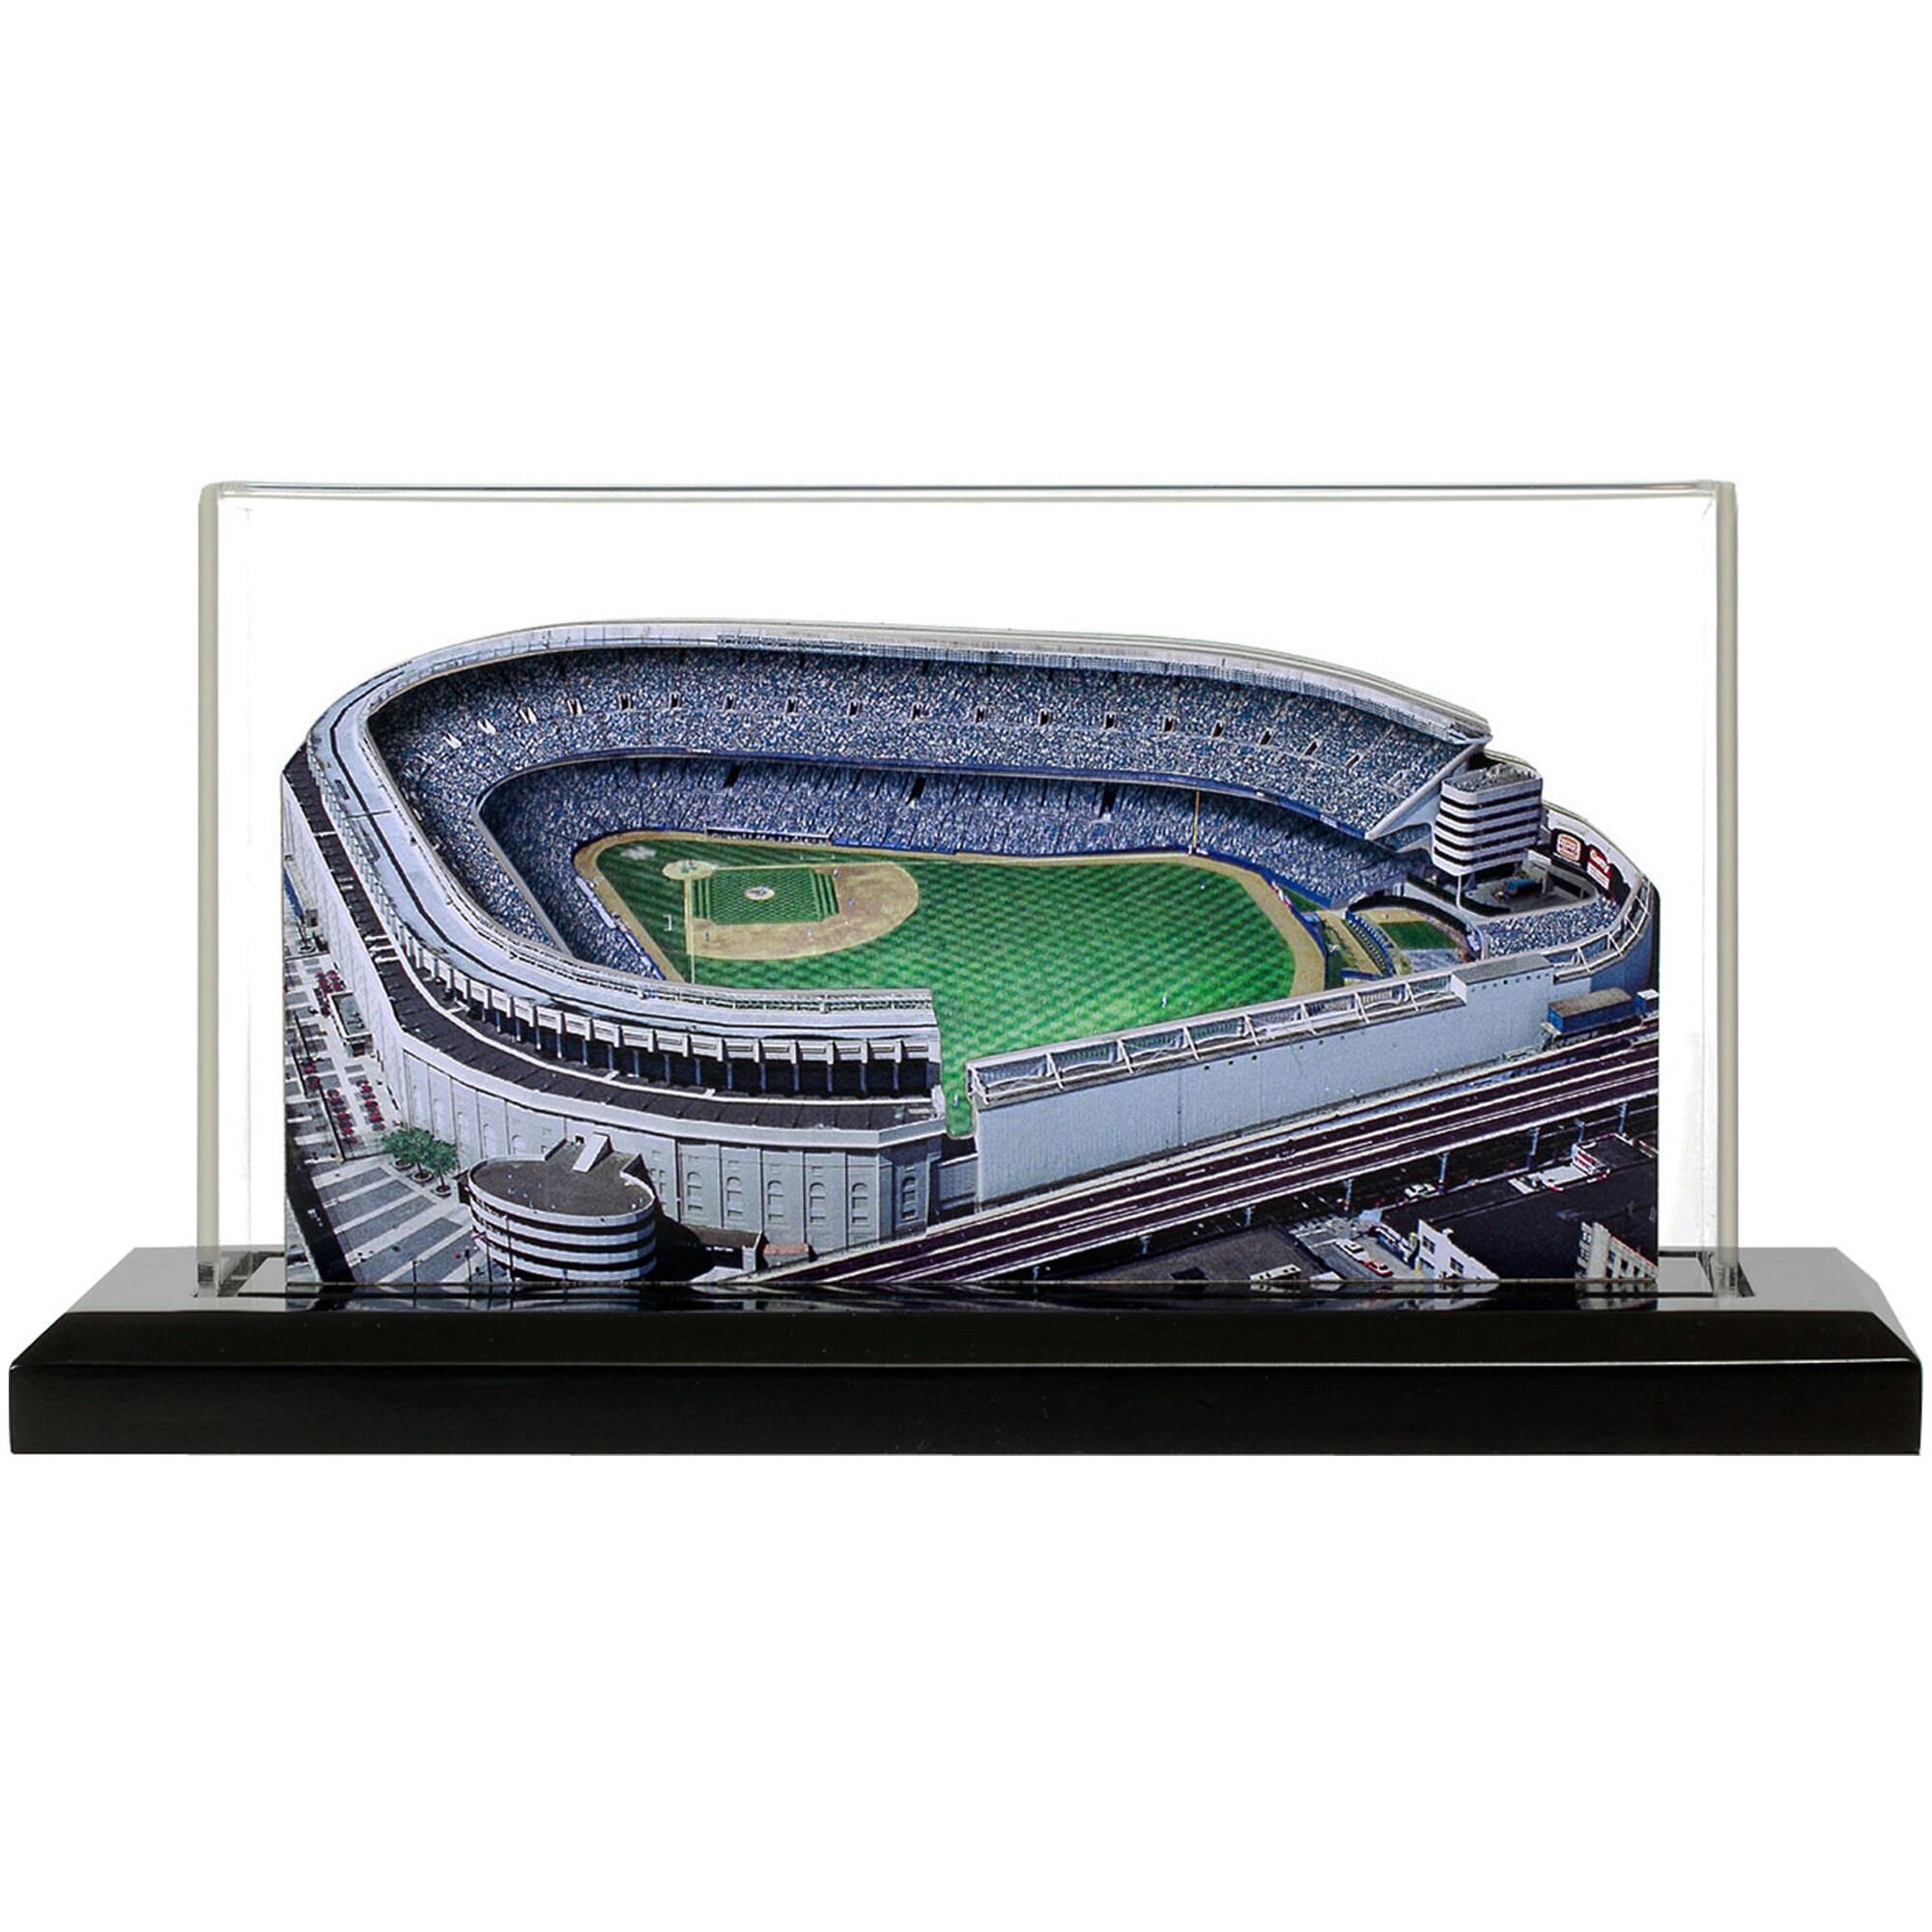 """New York Yankees 9"""" x 4"""" Yankee Stadium Renovated 1976-2008 Light Up Replica Ballpark"""